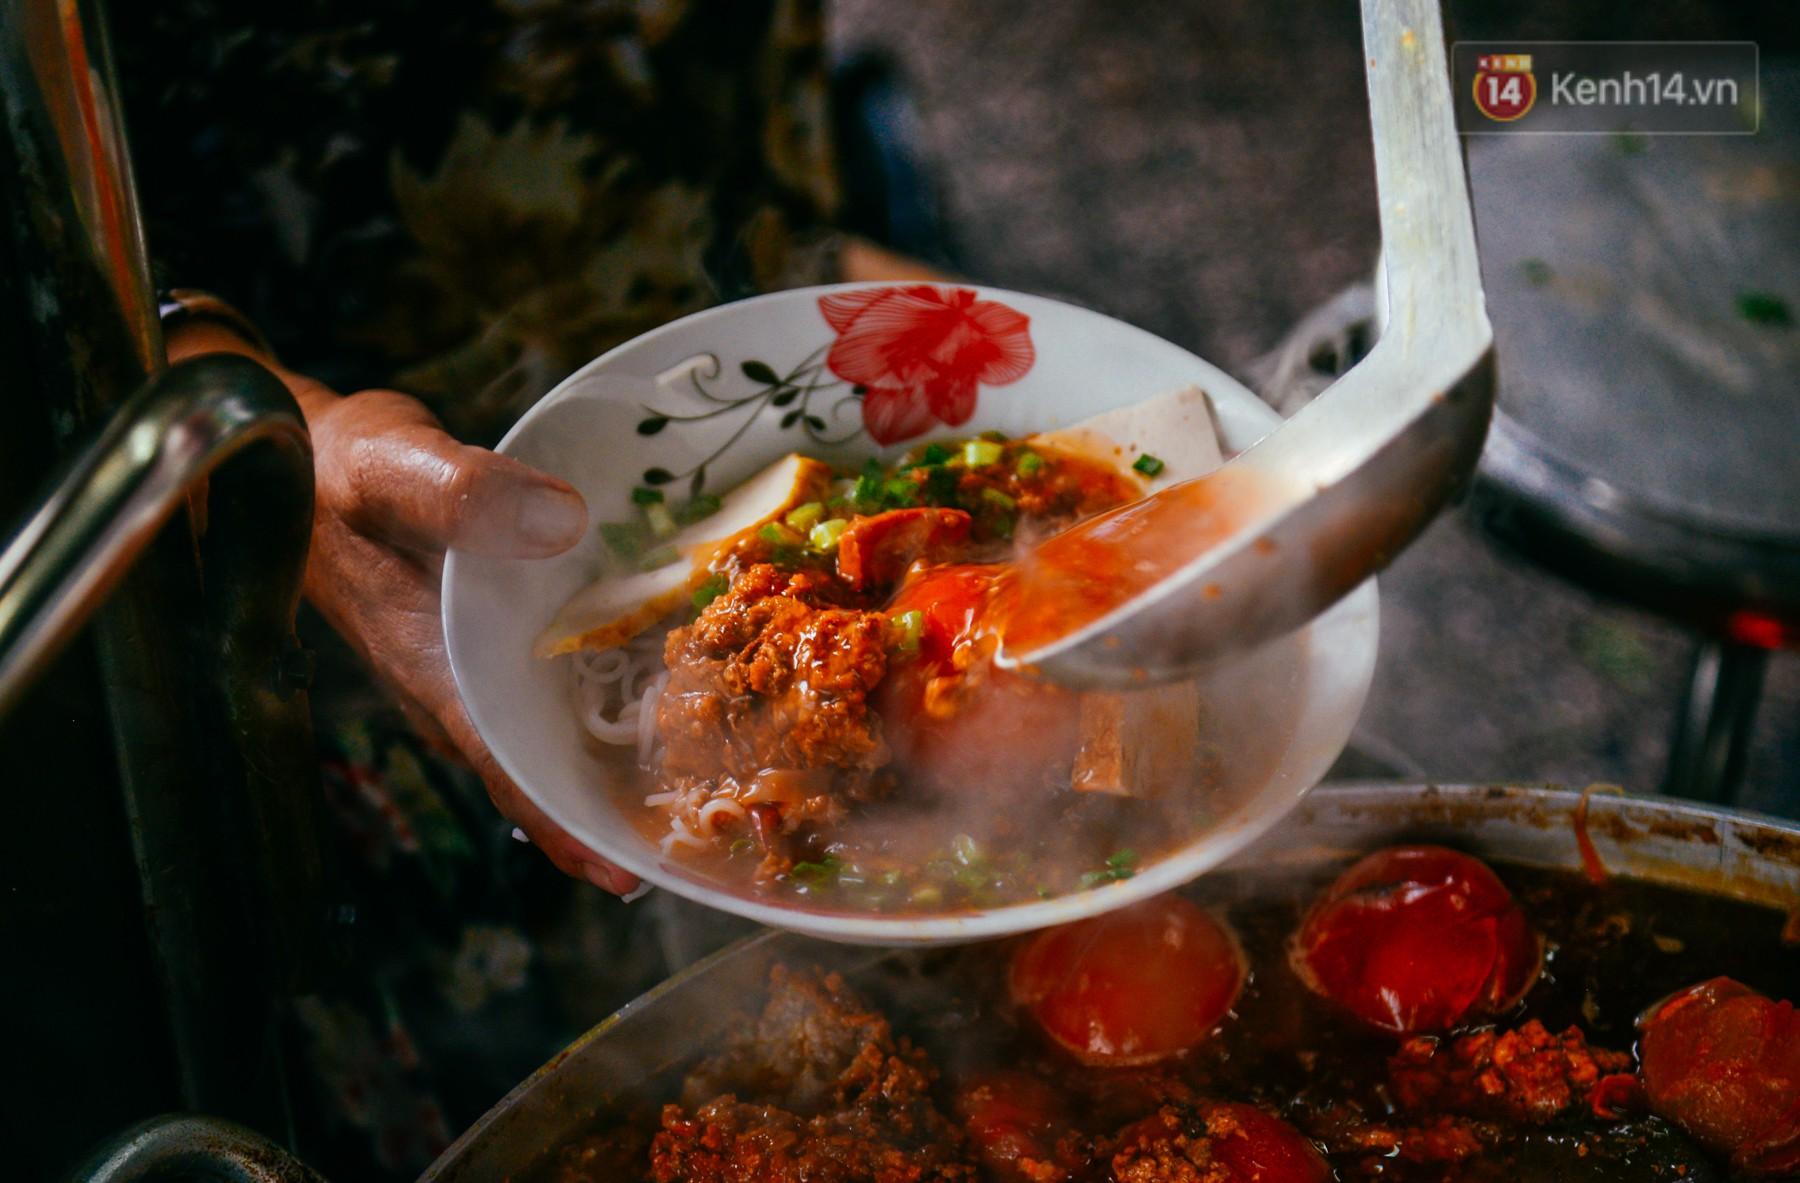 Quán bún riêu 30 năm tuổi ở vỉa hè Sài Gòn có gì hấp dẫn mà Trường Giang trở thành khách quen lâu năm? - Ảnh 6.